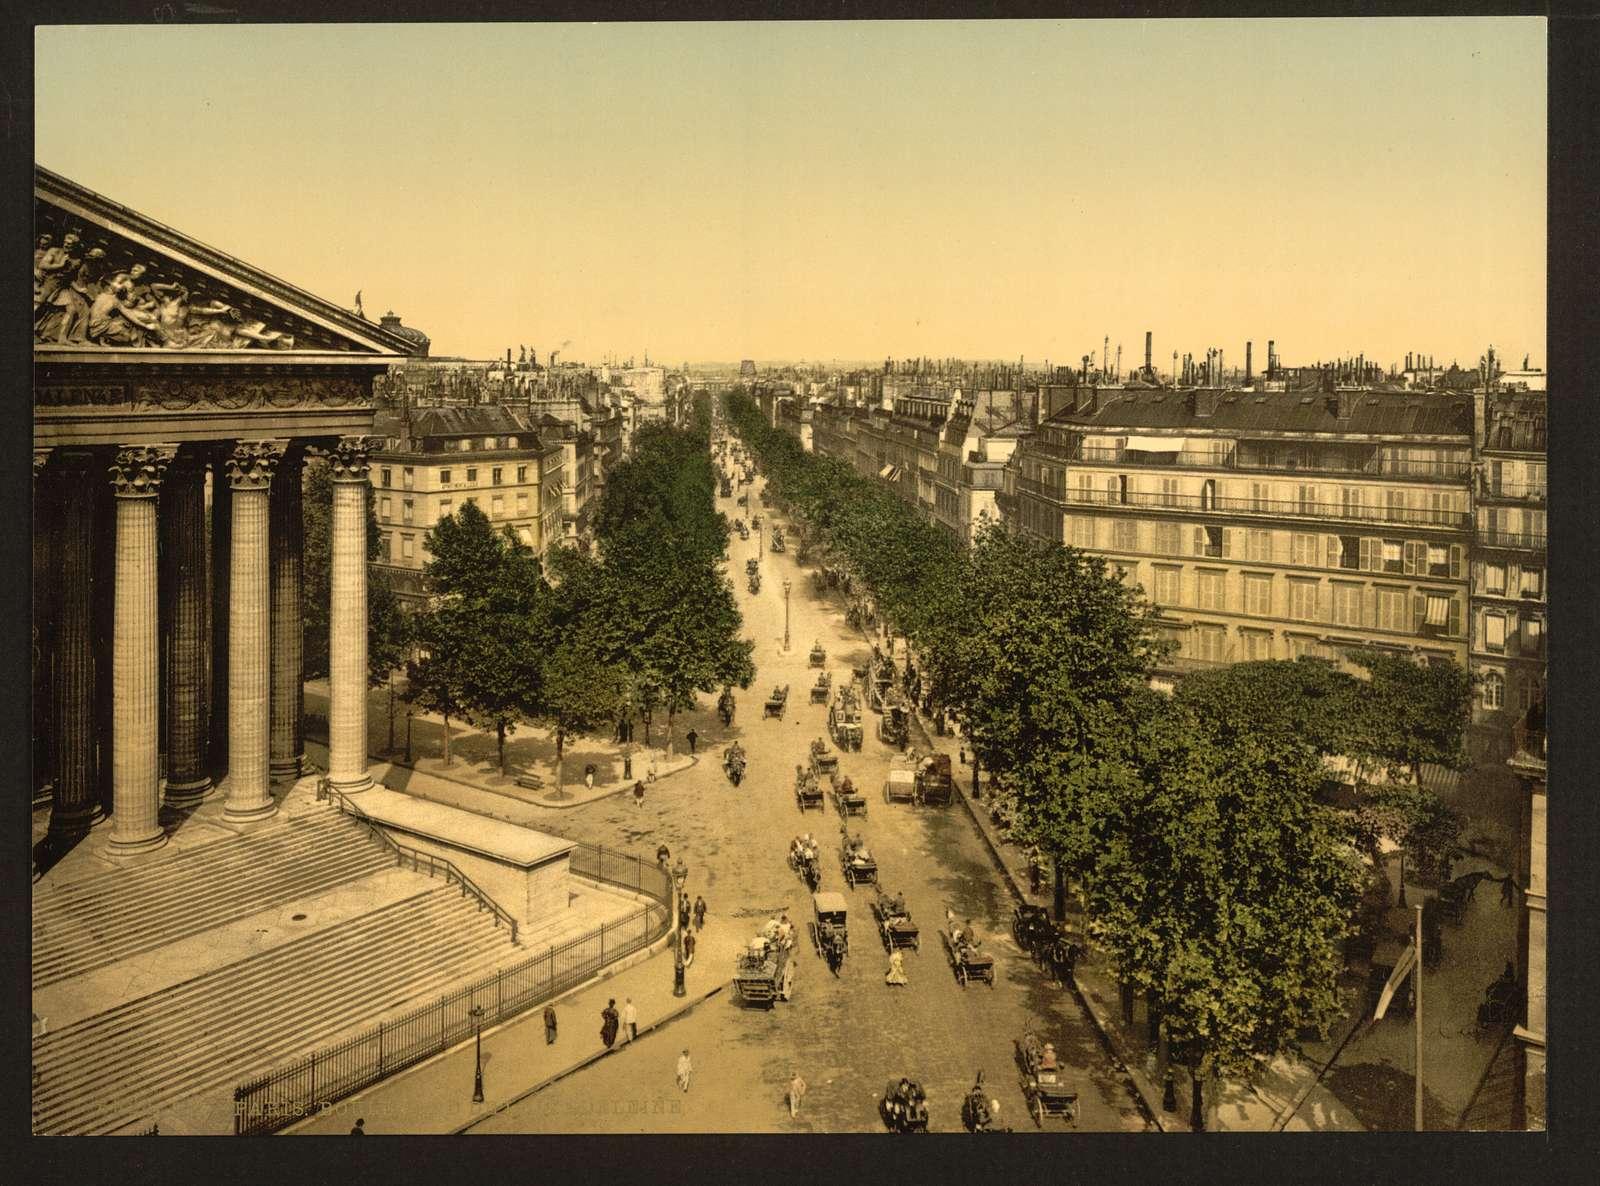 [Boulevard of the Madeline (i.e., Madeleine), Paris, France]